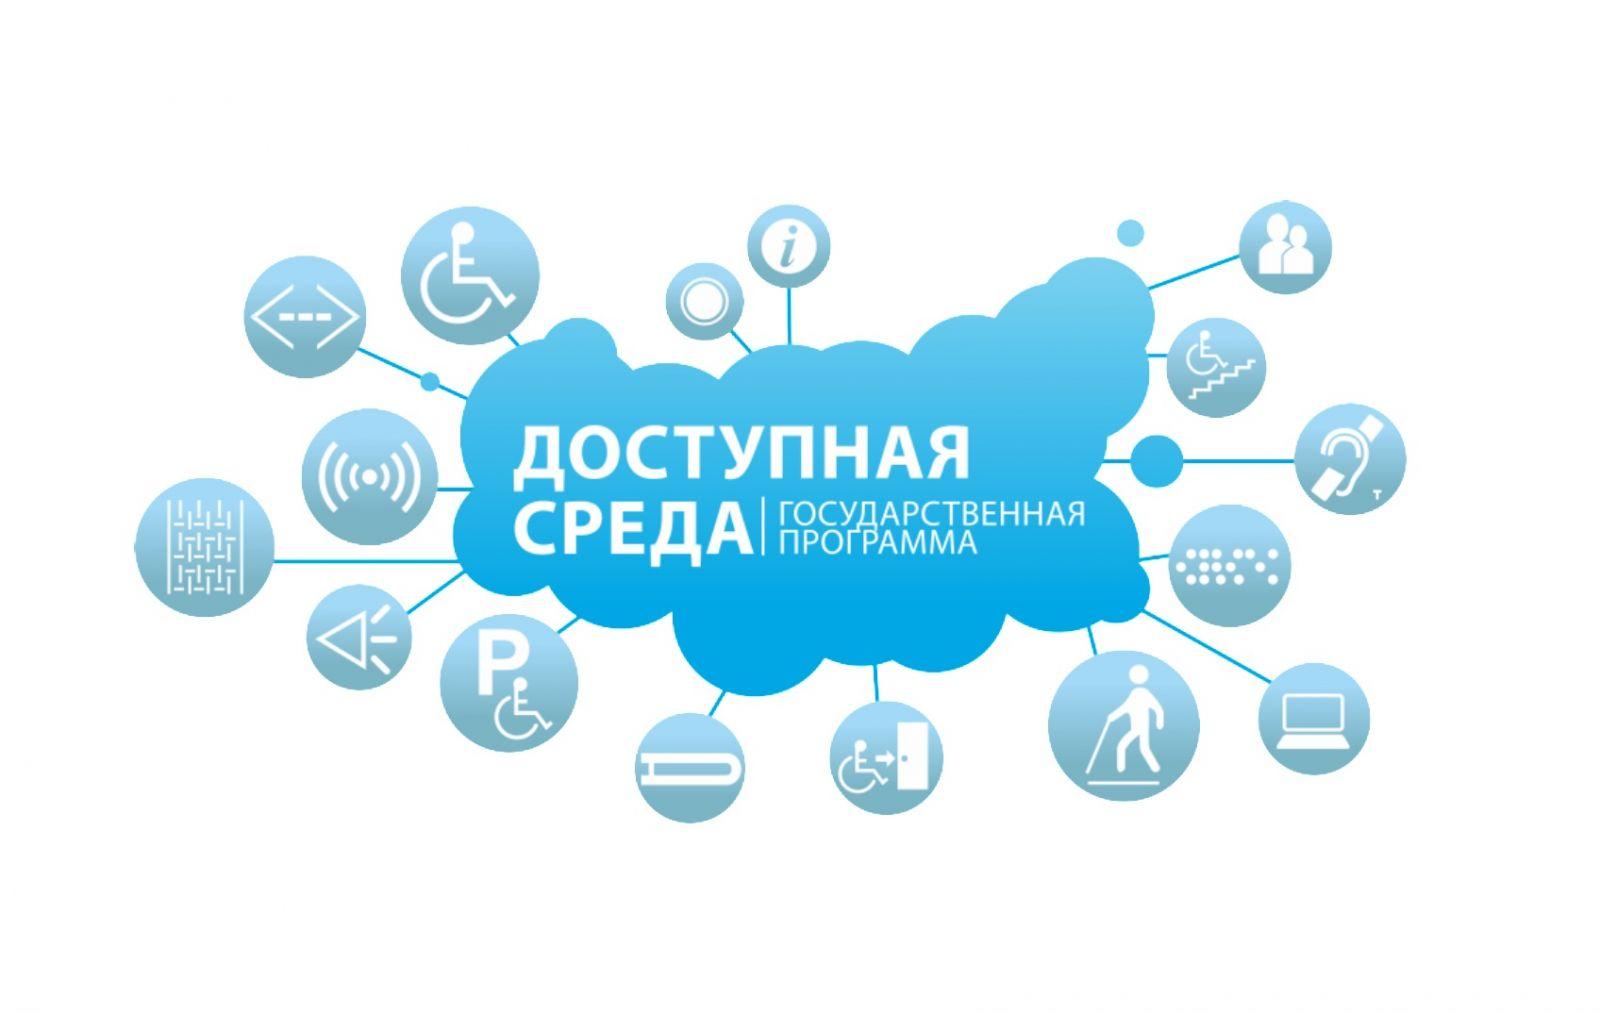 Лого Доступная среда